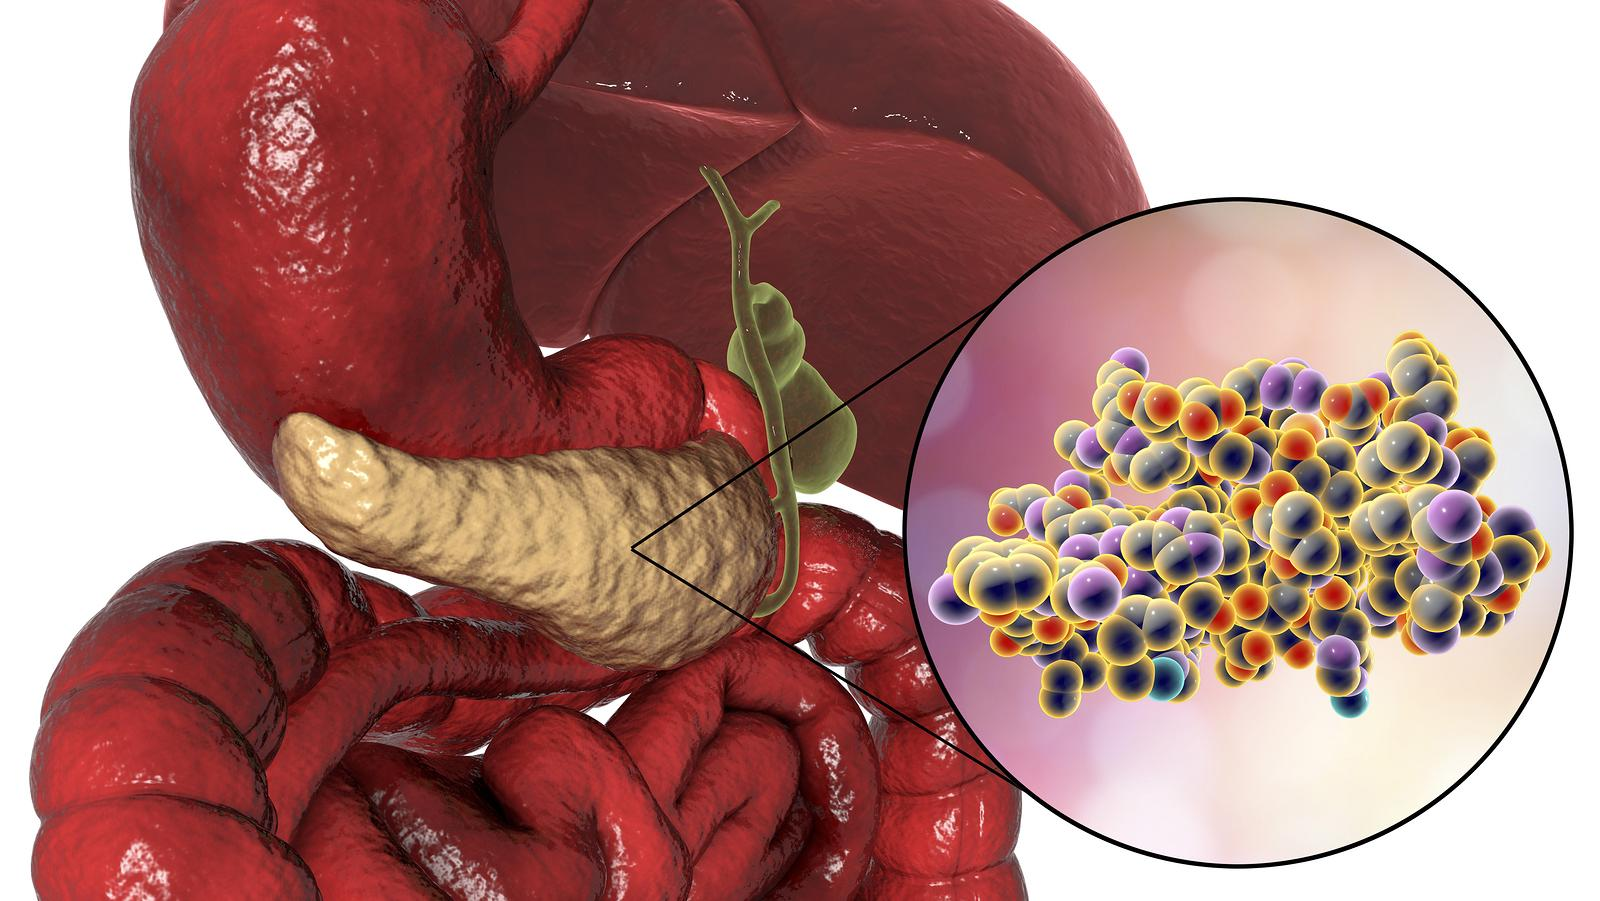 Krónikus hasnyálmirigy-gyulladás tünetei és kezelése - HáziPatika